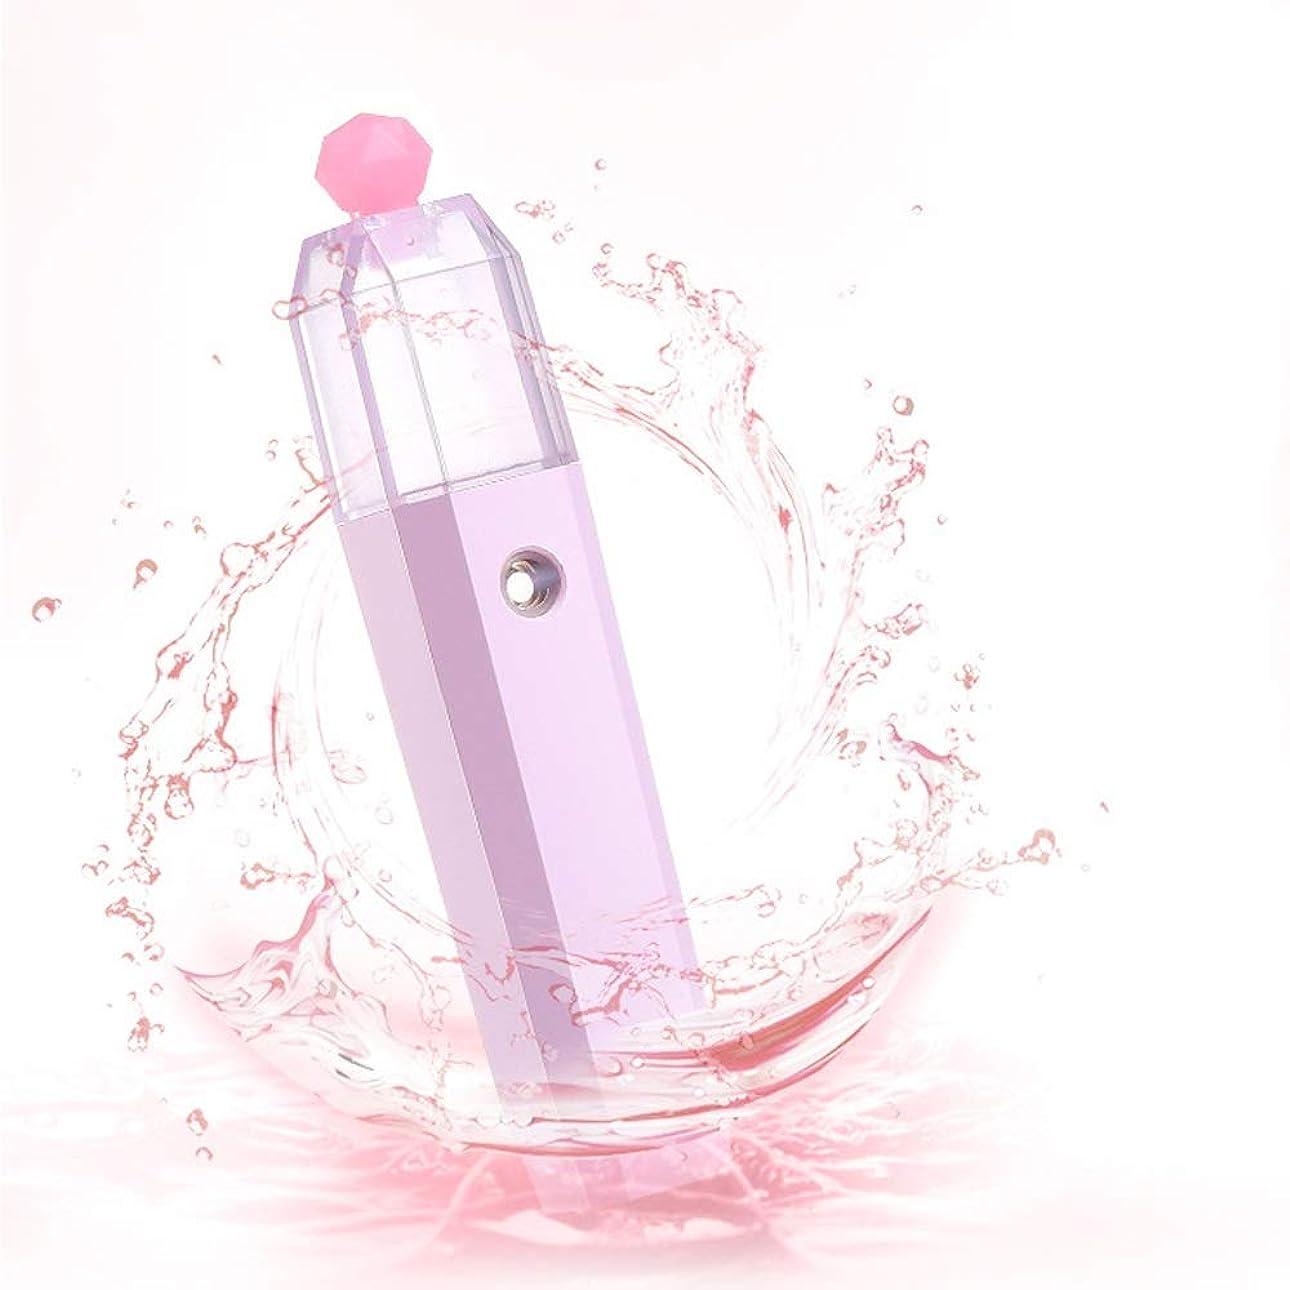 まだら大事にする正午ZXF 水道メーター美容ハンドスプレー新しいナノスプレーポータブル家庭用フェイスフェイシャルモイスチャライザーピンク 滑らかである